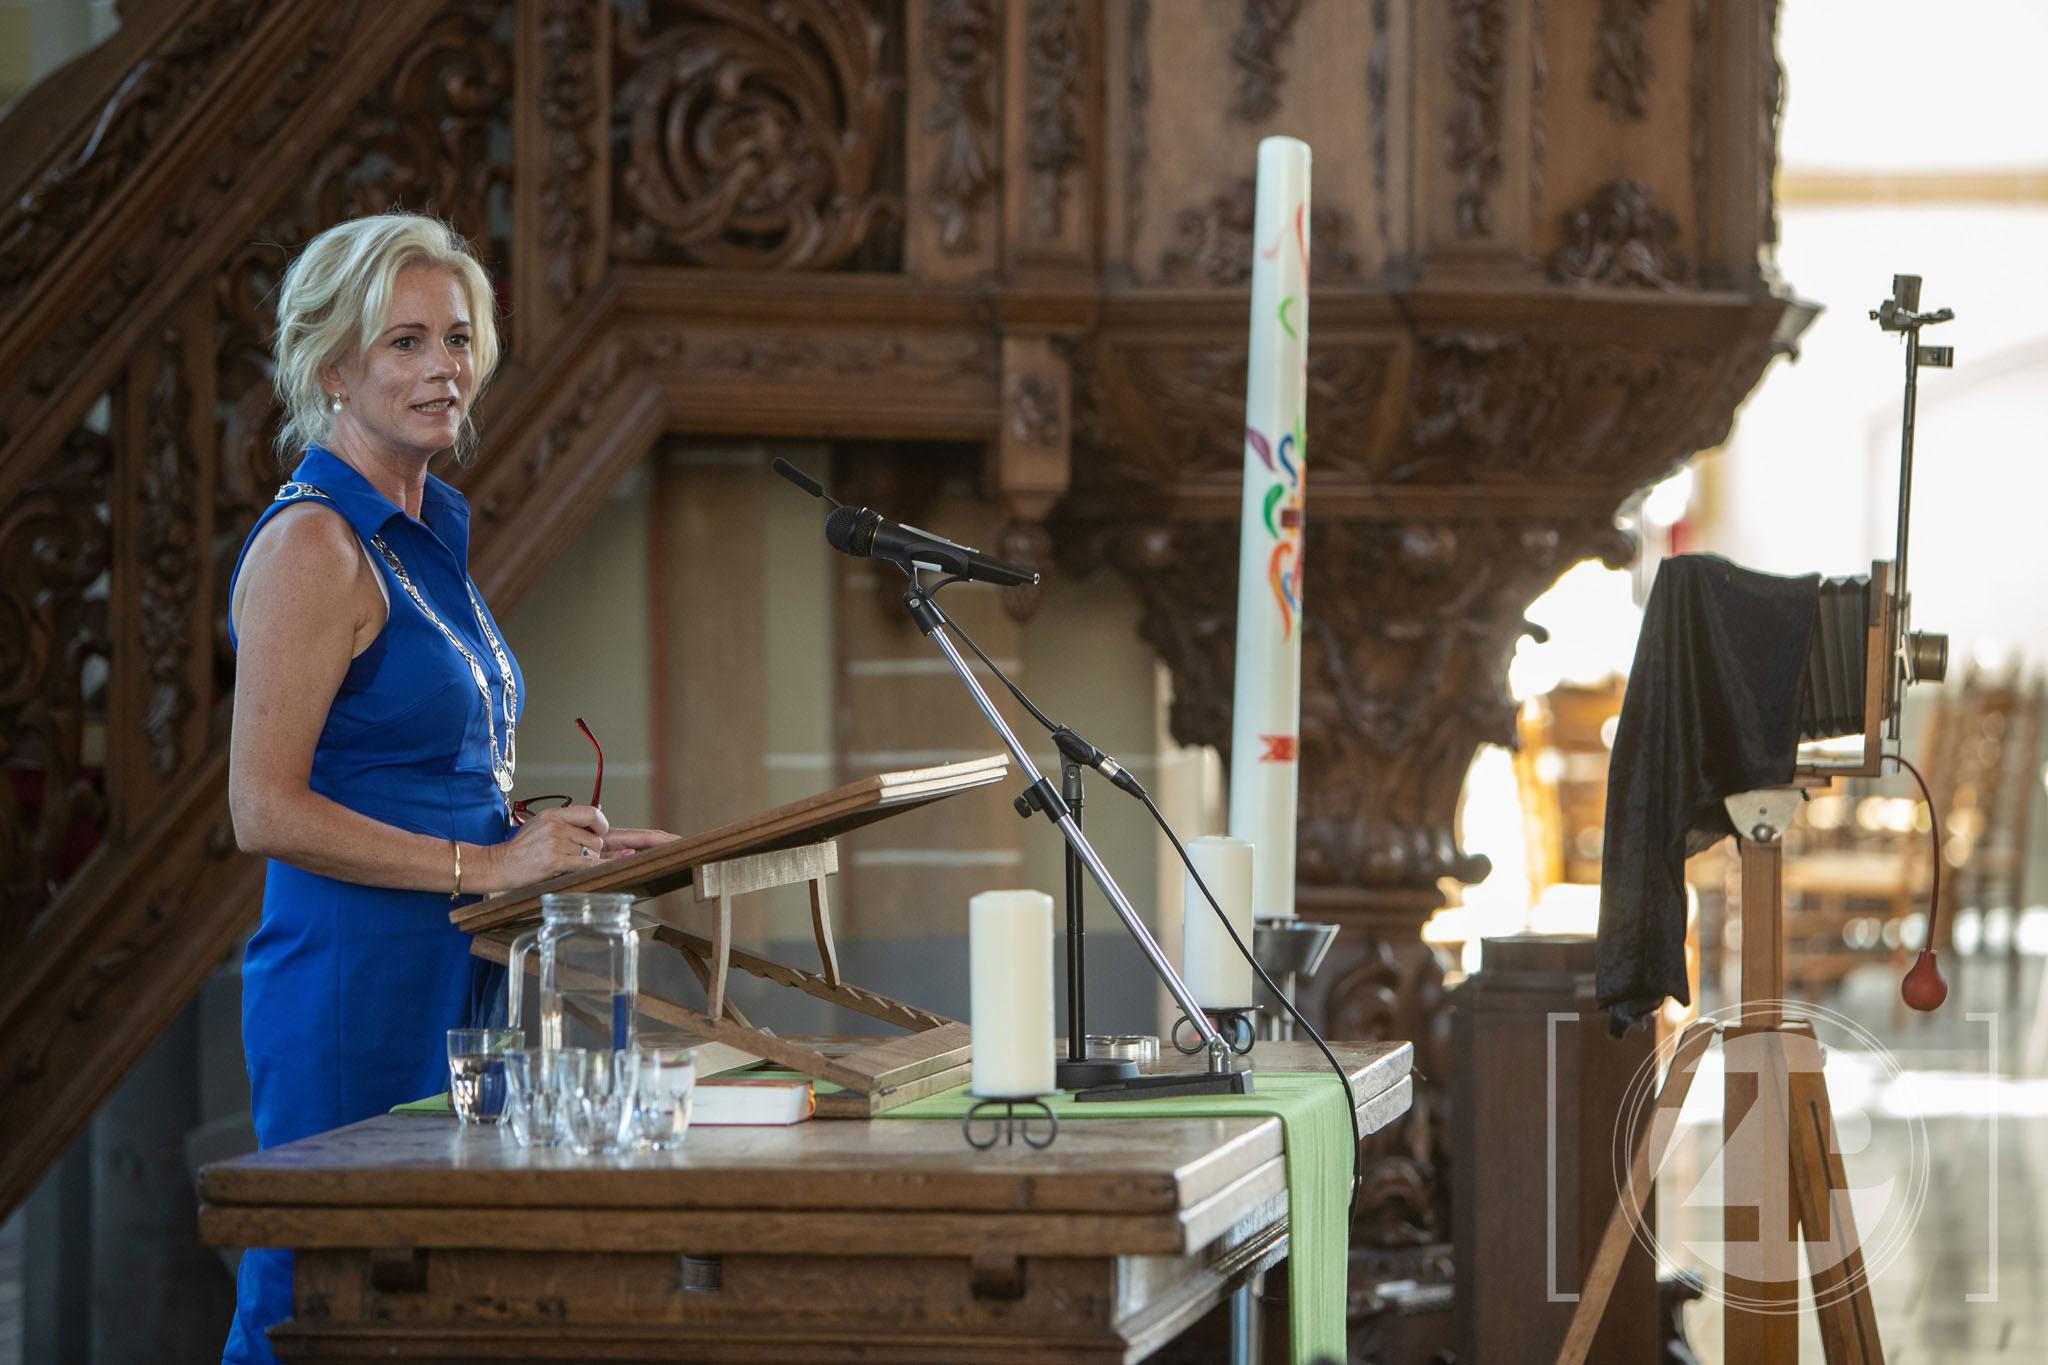 Burgemeester Annemieke Vermeulen van Zutphen opent de tentoonstelling in 2018. Foto Patrick van Gemert/Zutphens Persbureau